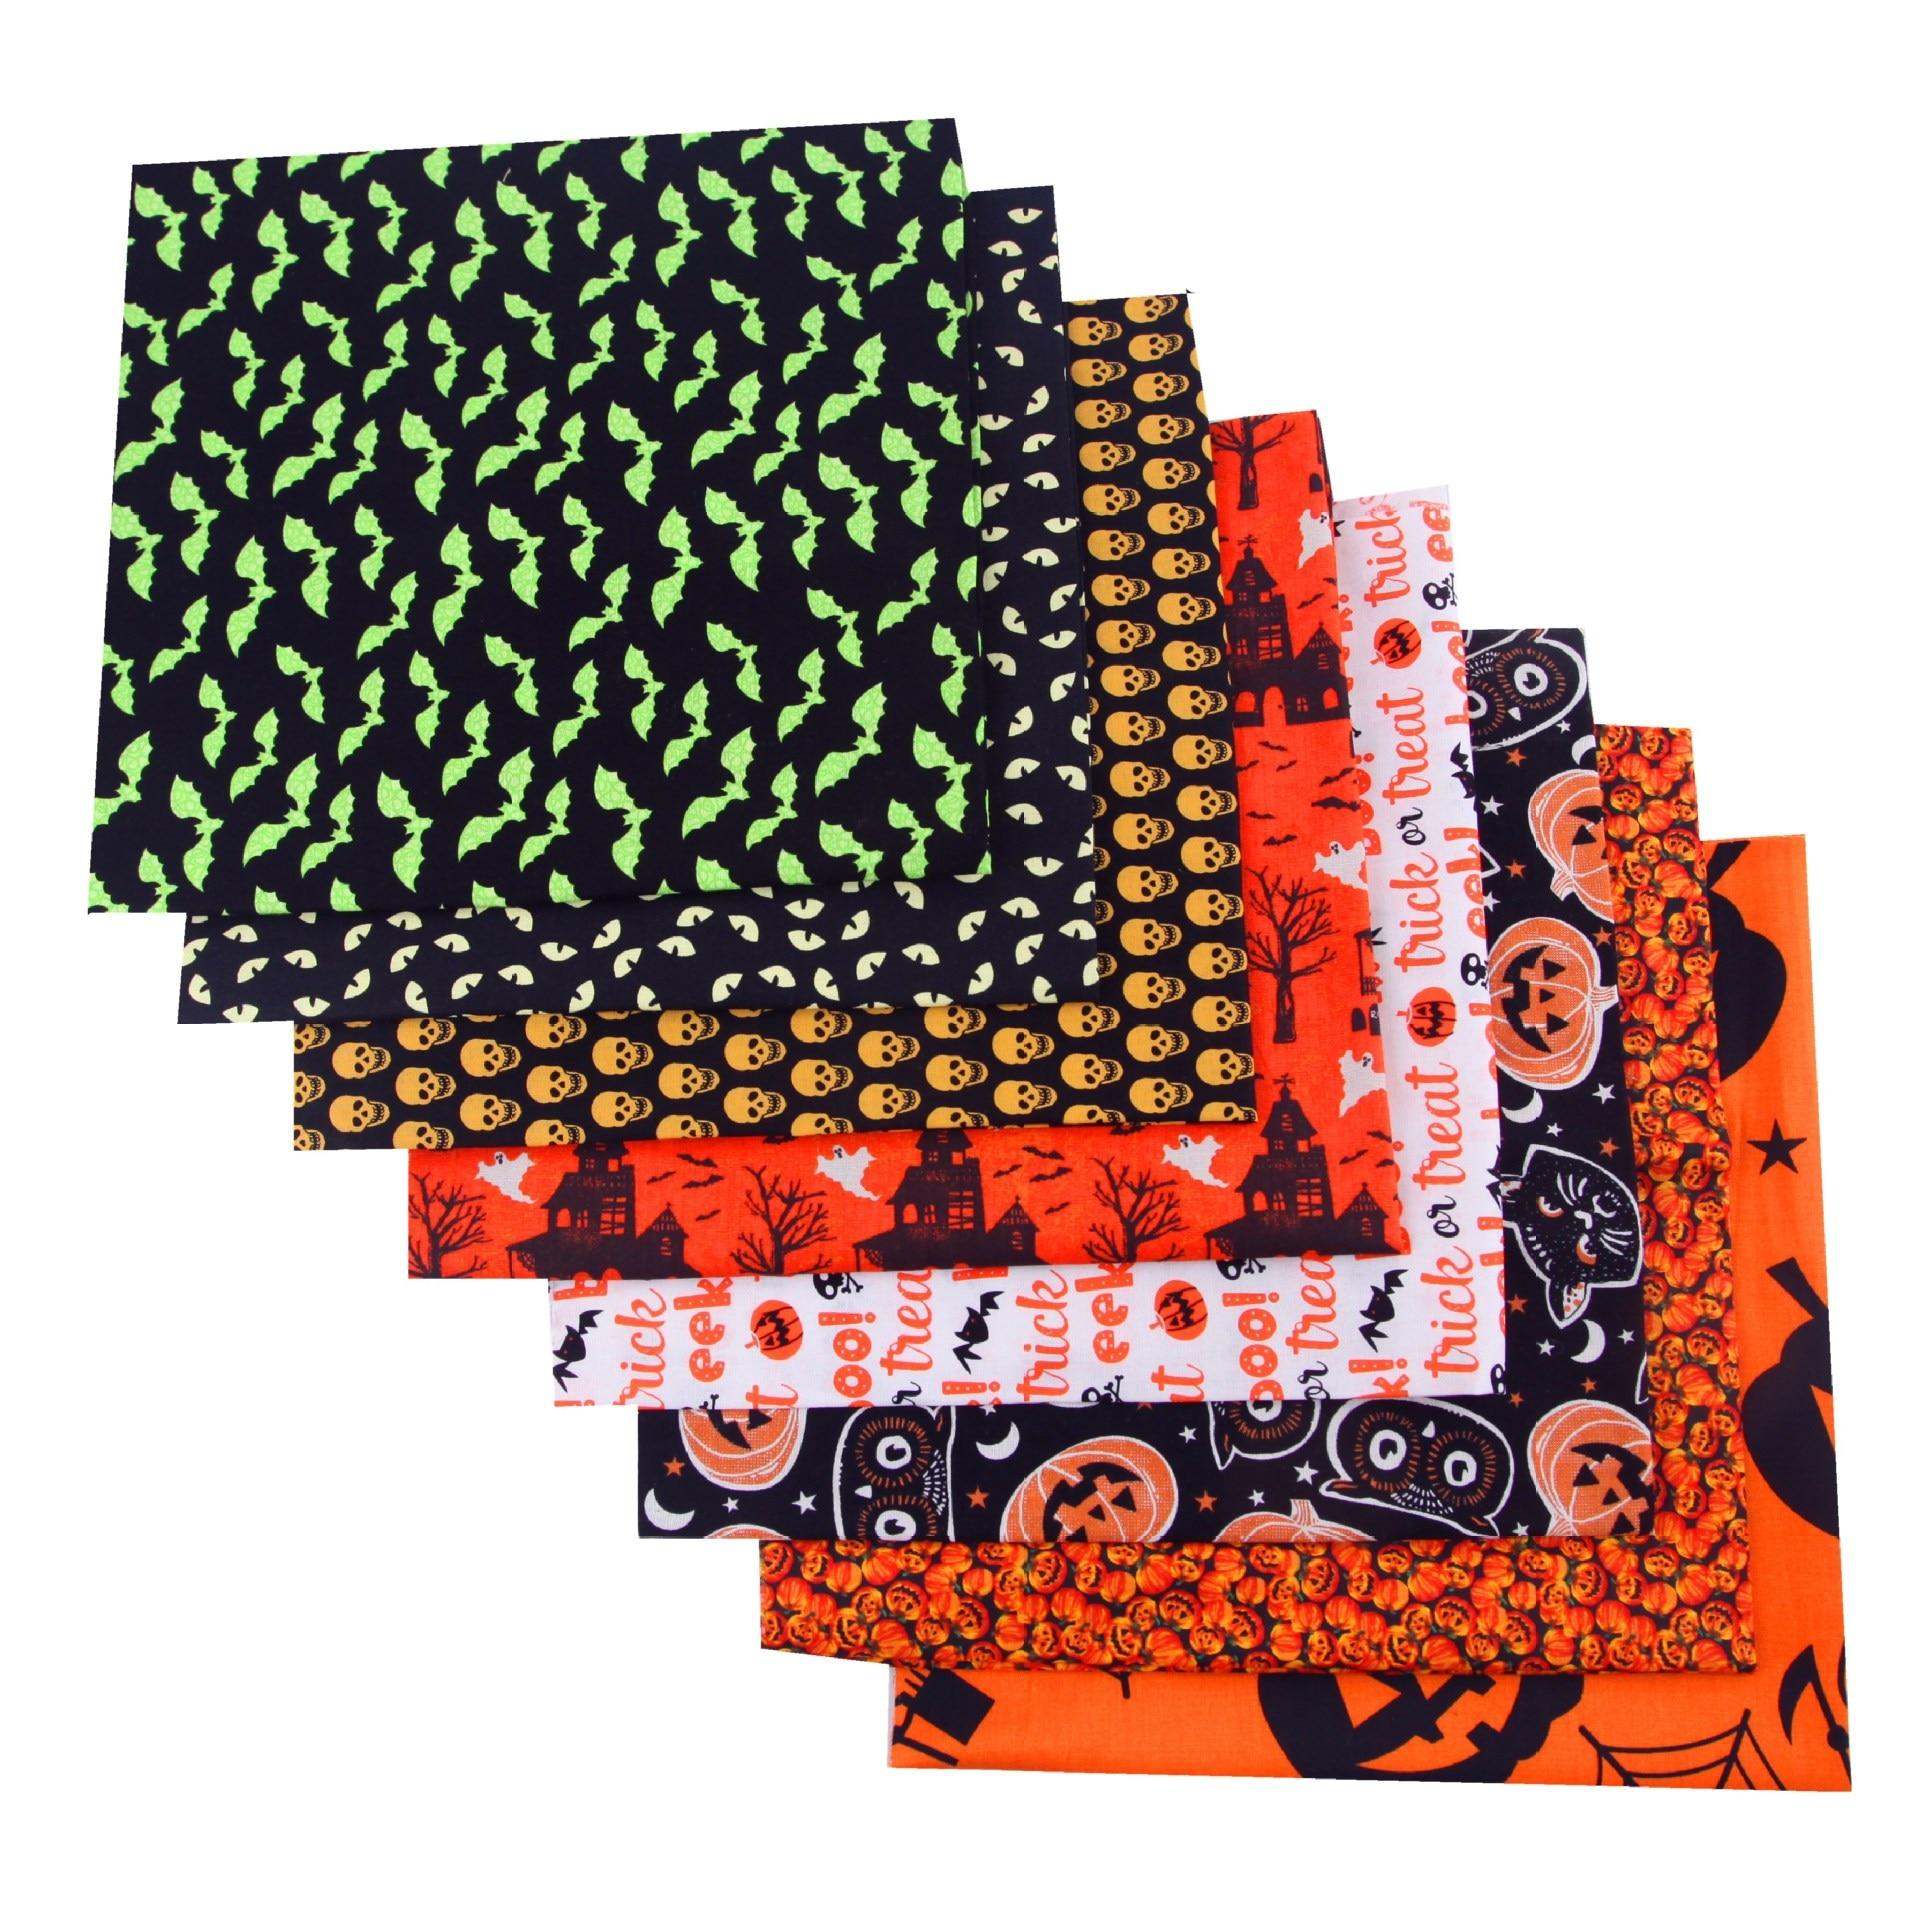 Tela de algodón con patrón de Halloween tema de Halloween cráneo calabaza Bat prenda de tela de algodón grupo Patchwork tela